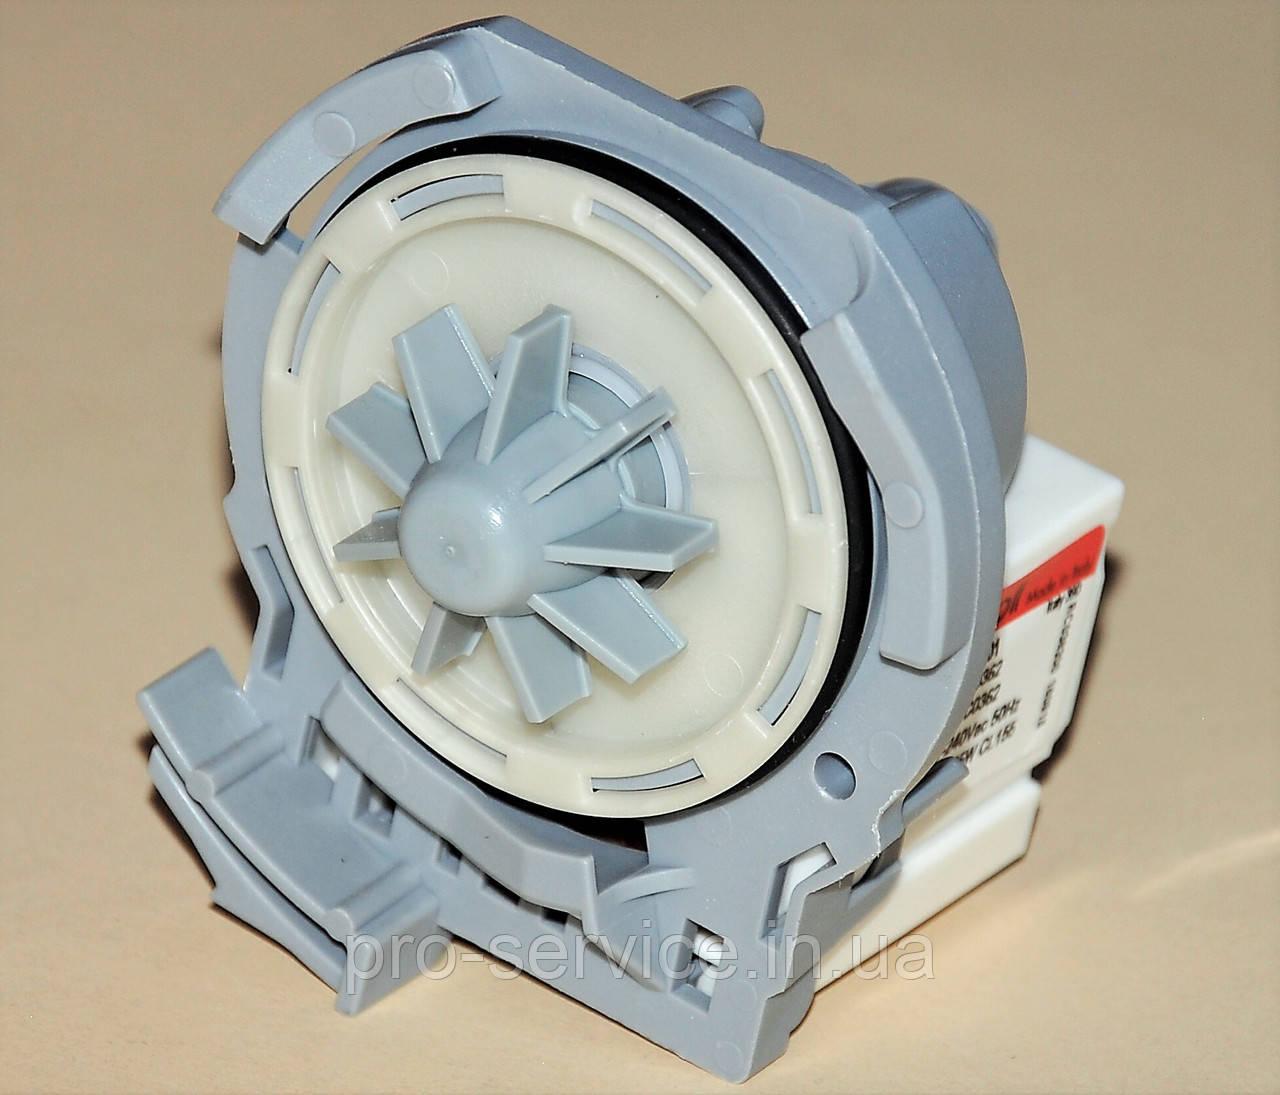 Сливной насос 481236018558 для ПММ Whirlpool